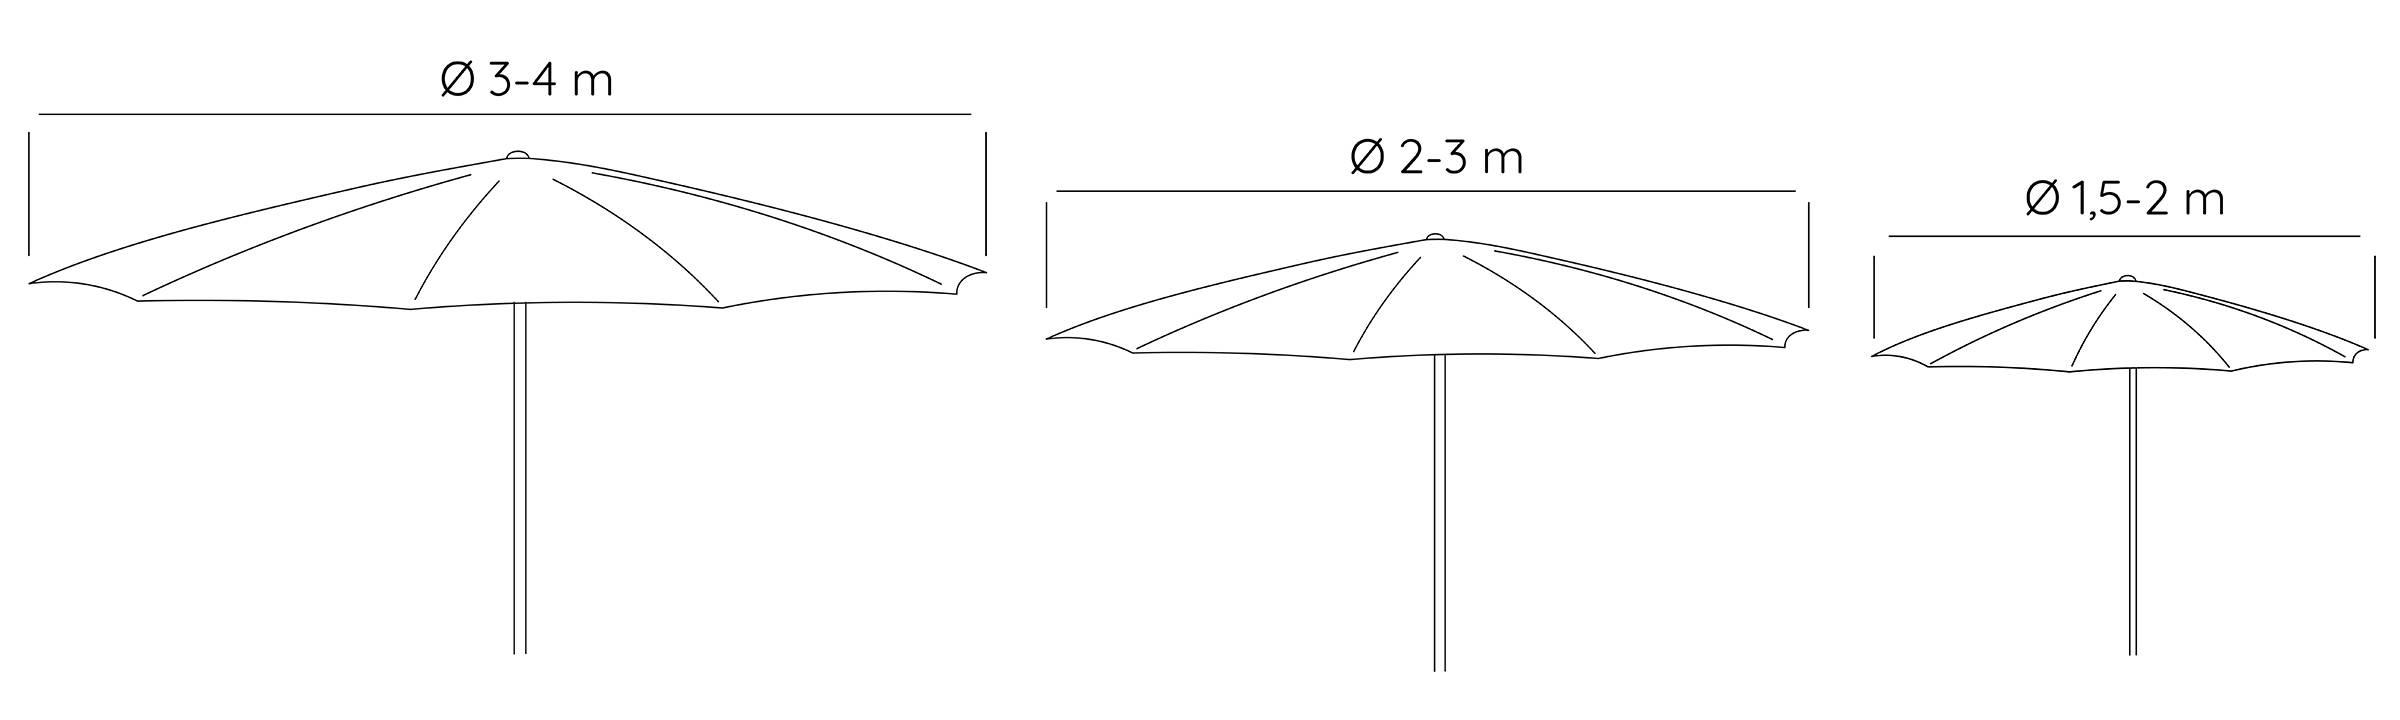 Parasol hvilken størrelse